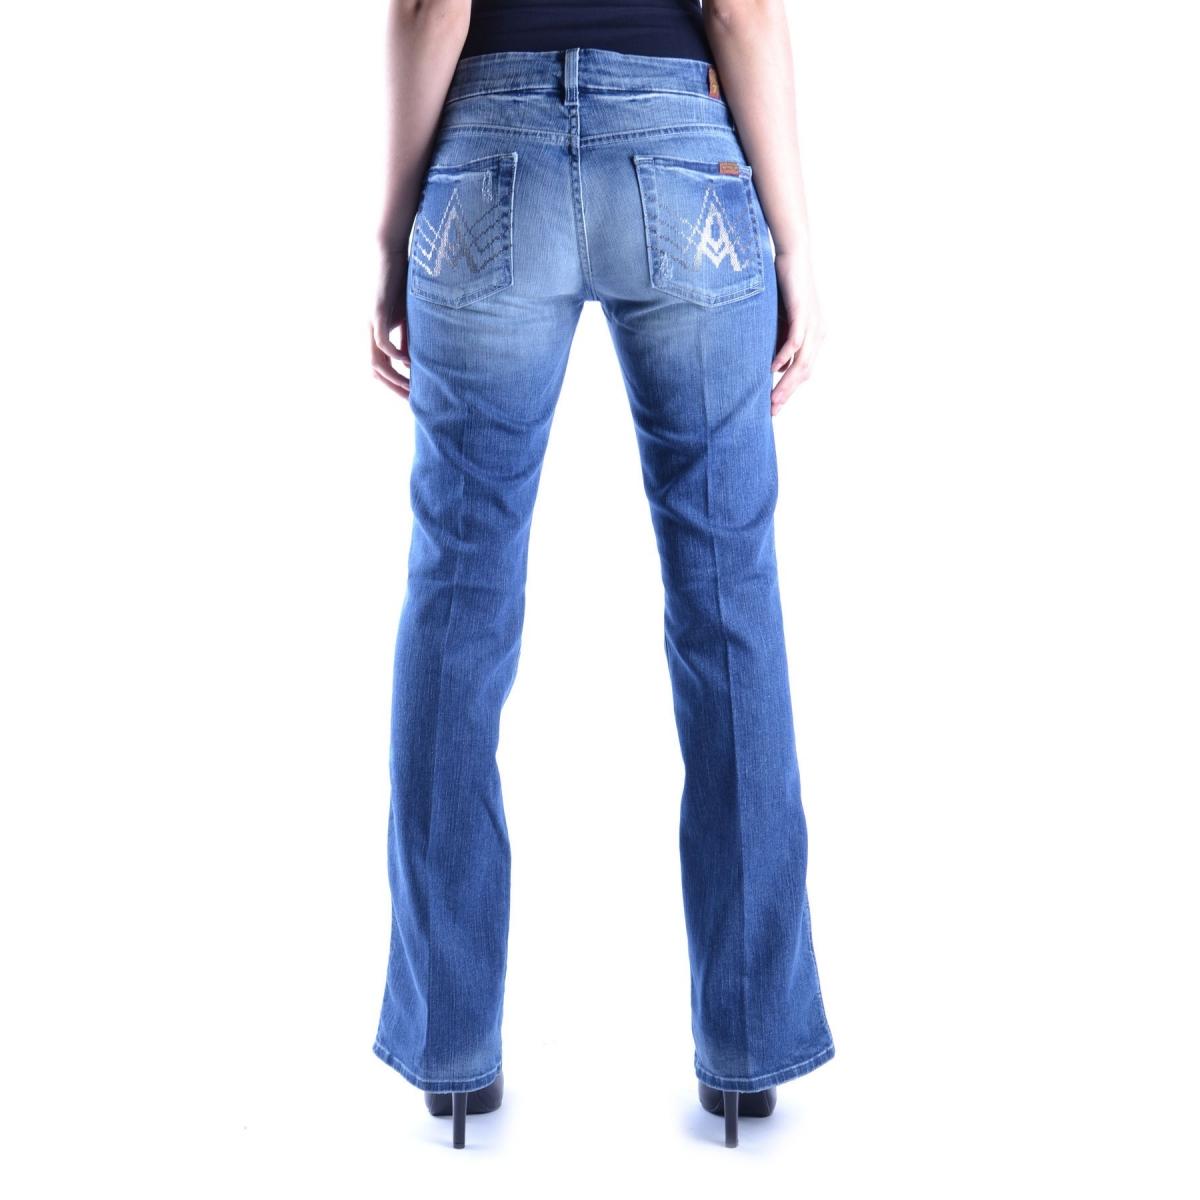 seven for all mankind jeans ean885 outlet bicocca. Black Bedroom Furniture Sets. Home Design Ideas